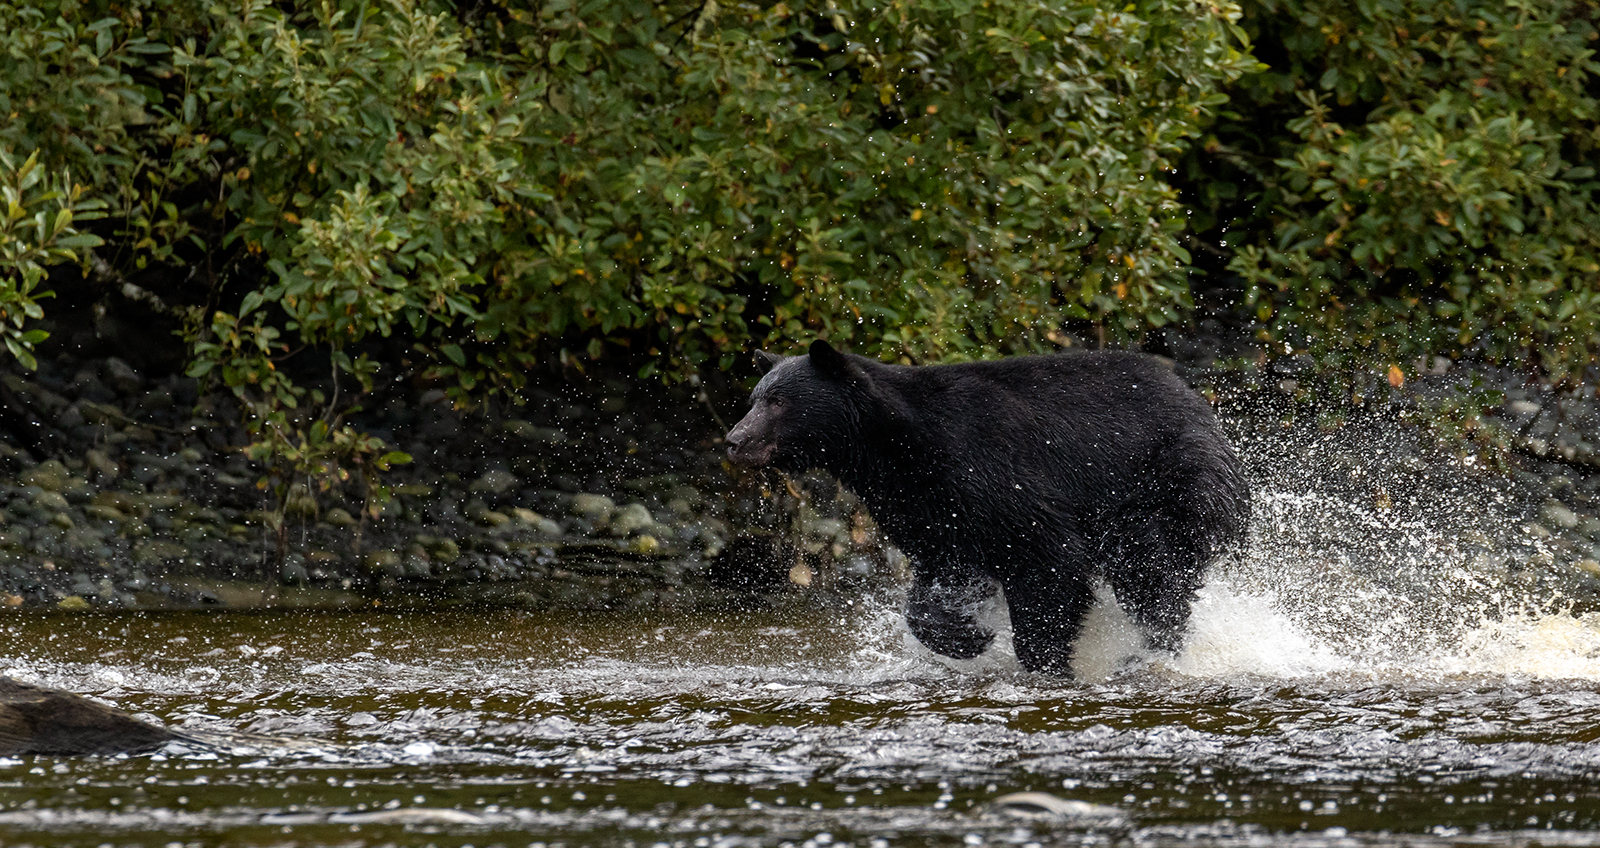 Keogh River Black Bear 017.jpg